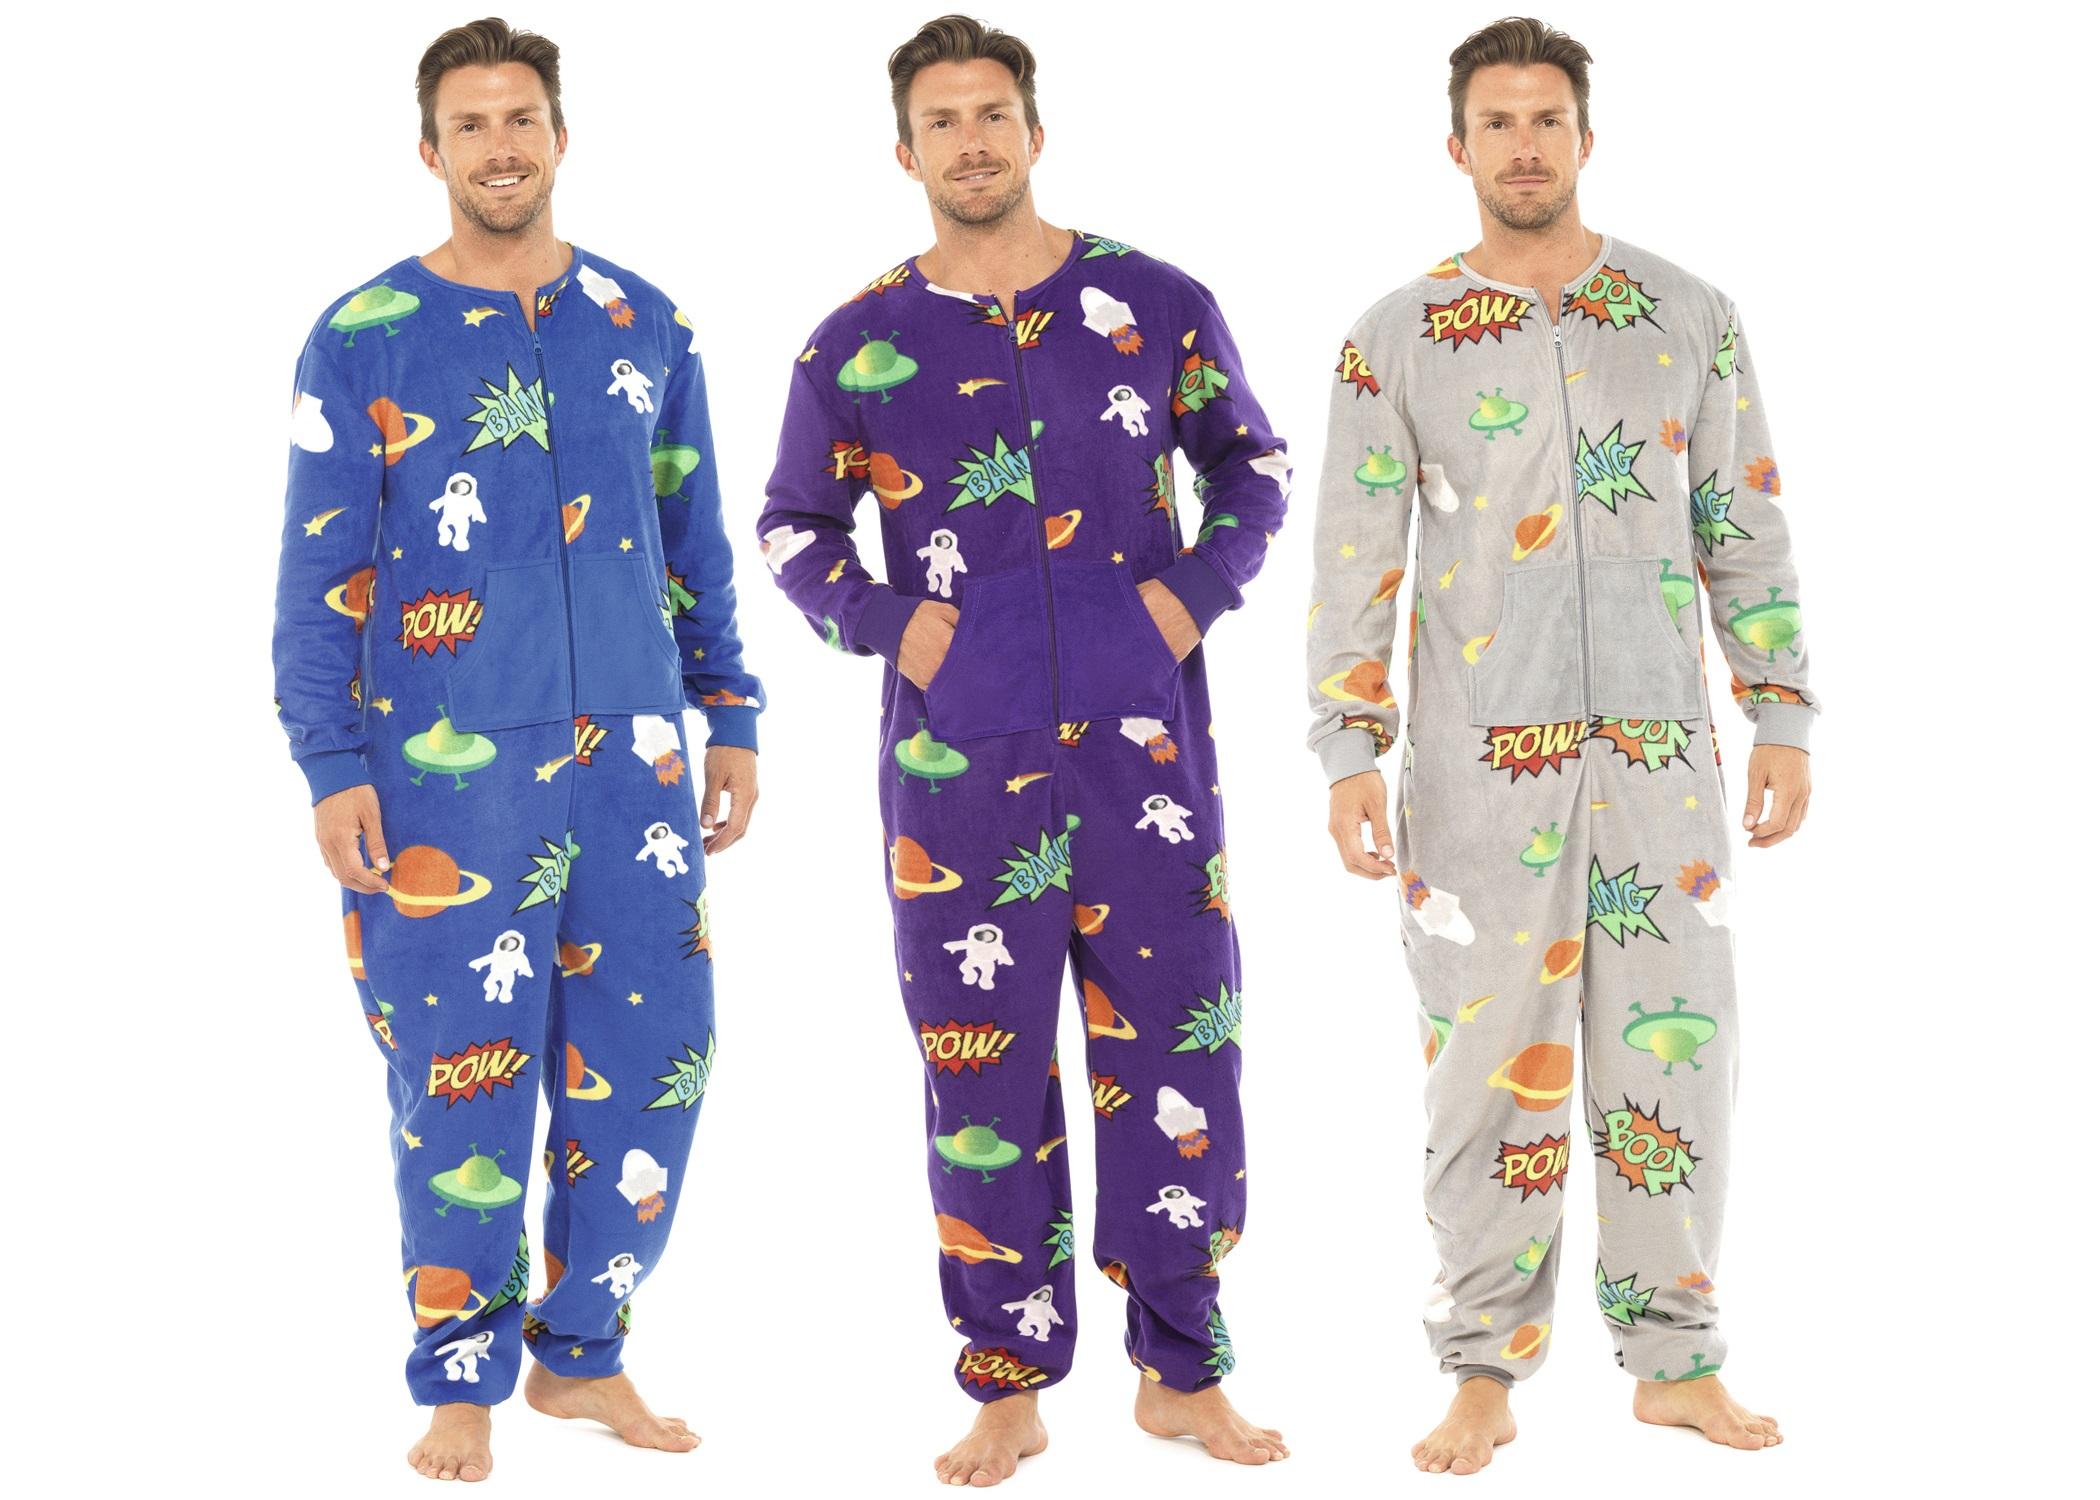 Hommes pleine longueur en polaire combinaison fermeture clair tout en un combinaison pyjama pjs - Combinaison polaire homme ...